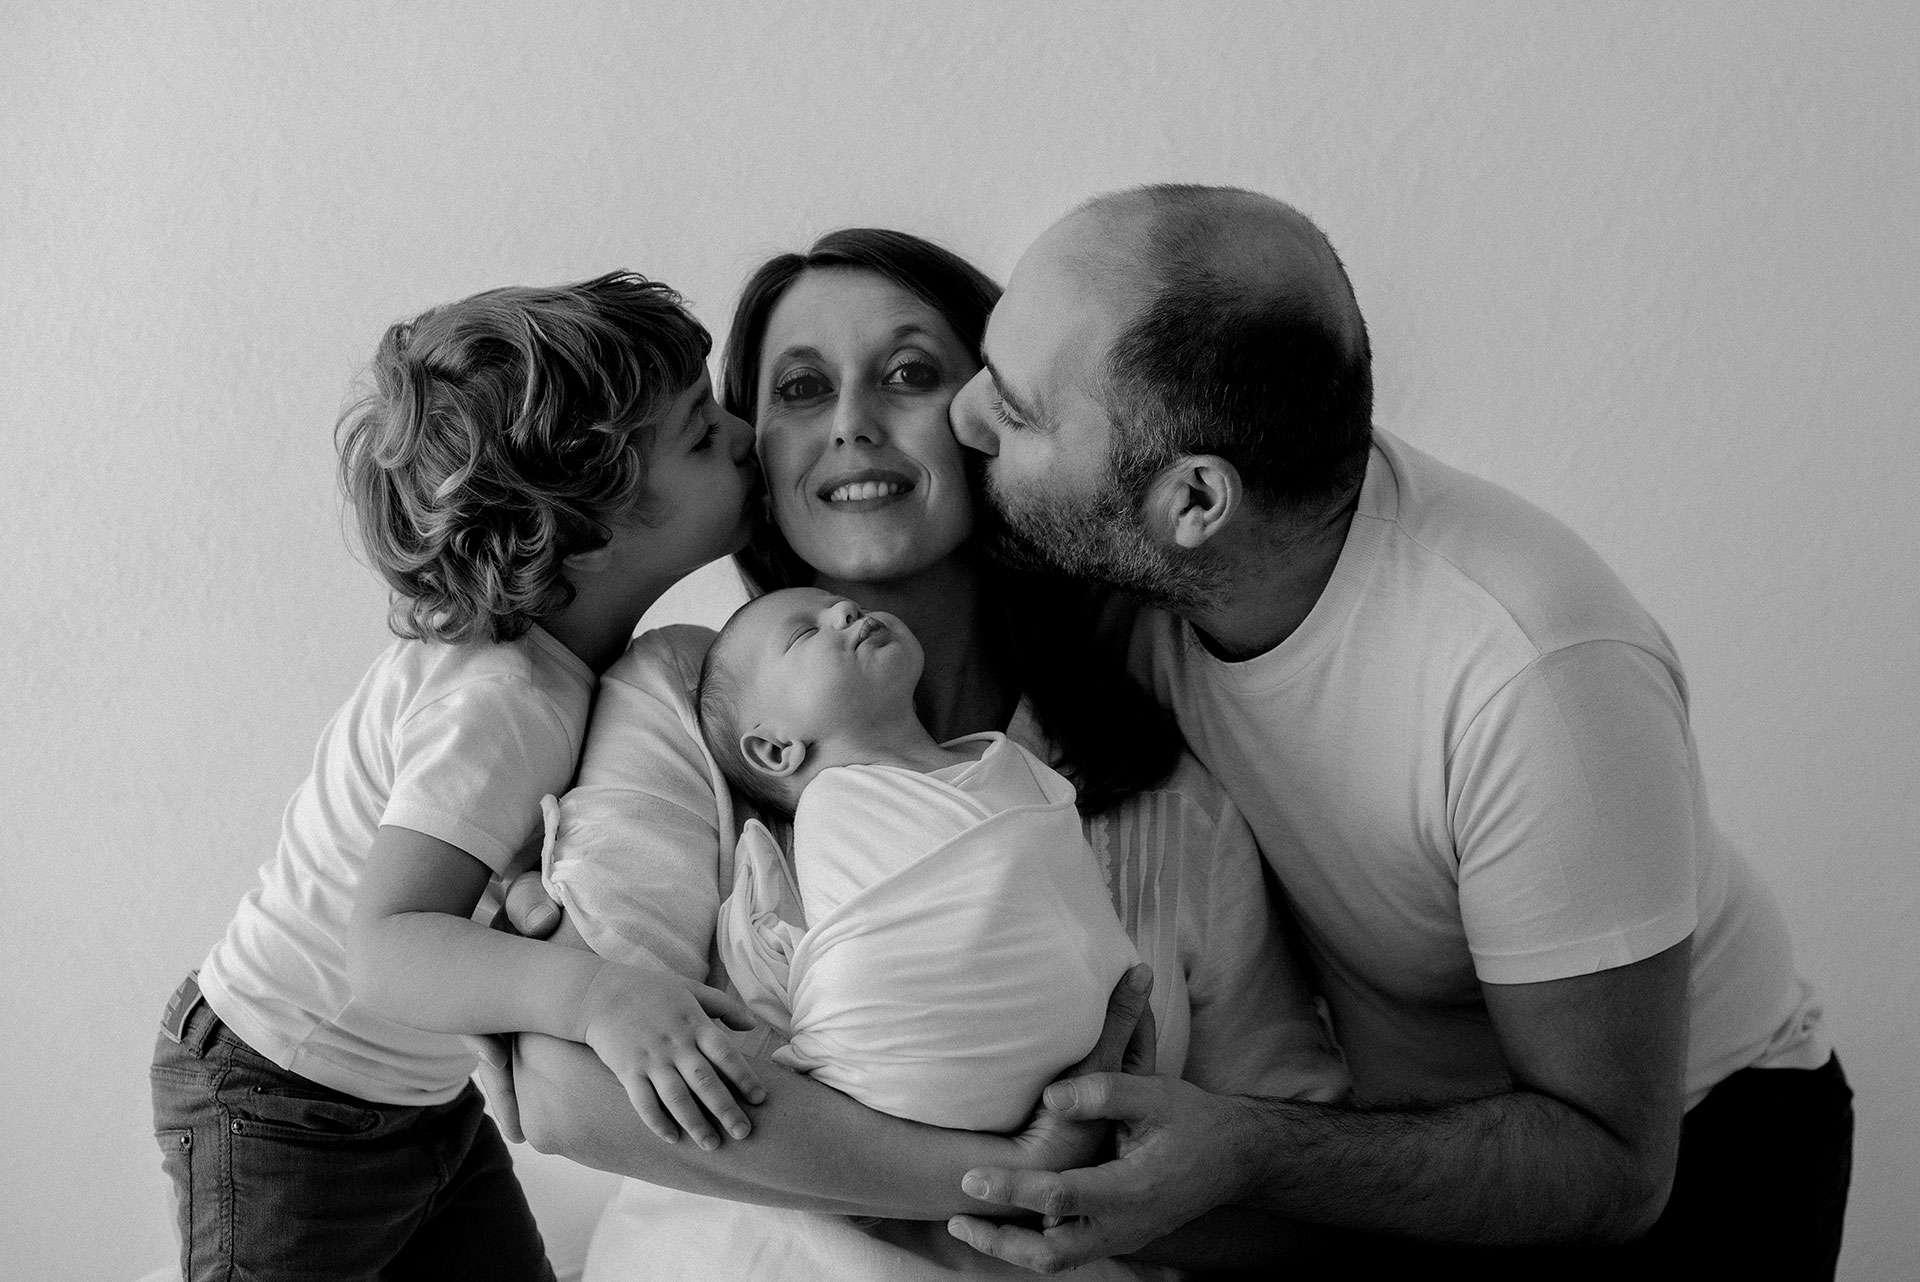 Sessione fotografica maternità foto di famiglia realizzata da Barbara Trincone Fotografo specializzato in Gravidanza, Maternità, Genitorialità, Nascita e Newborn